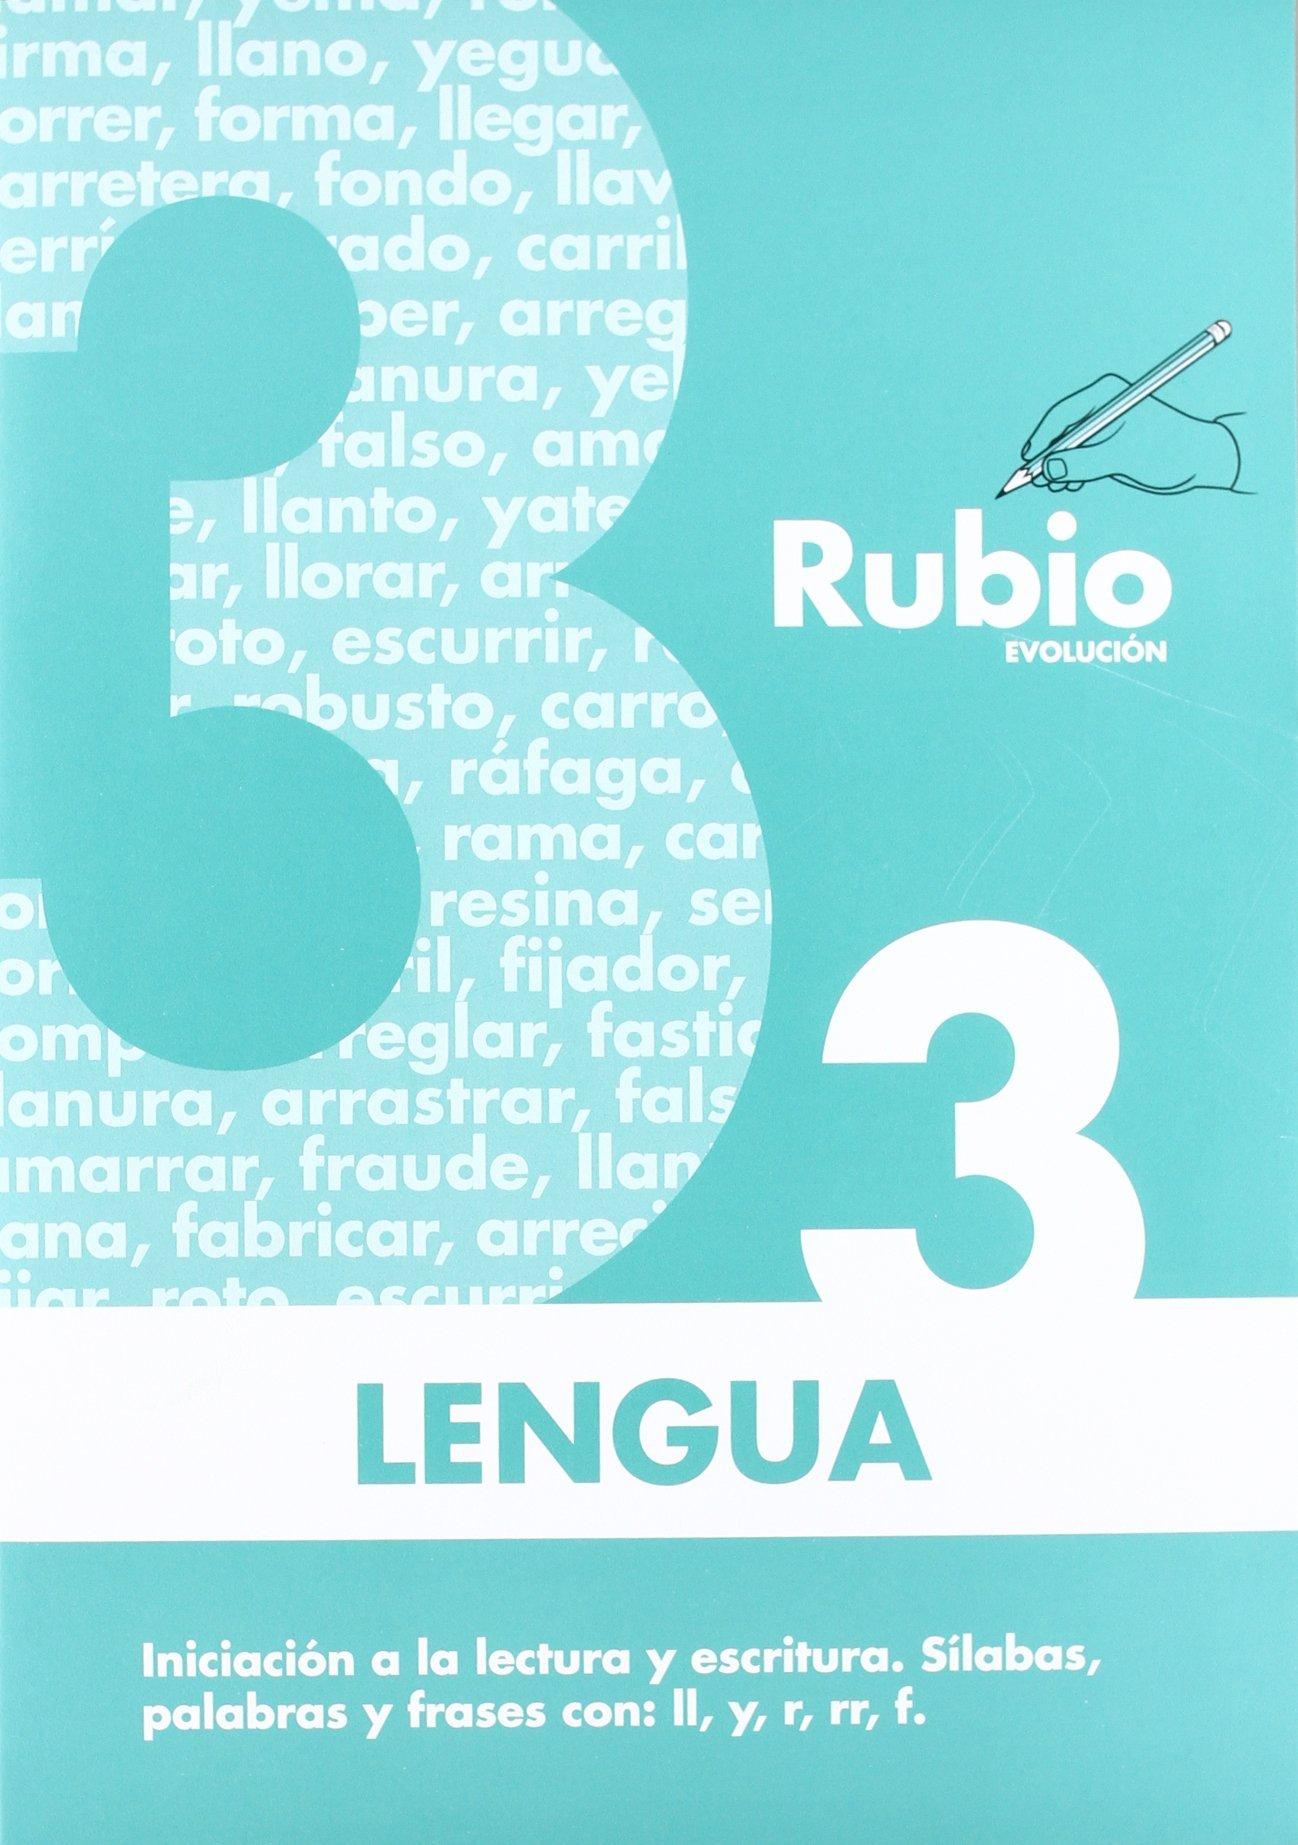 Lengua Rubio evolución 3 de Enrique Rubio Polo 4 jun 2009 Tapa ...